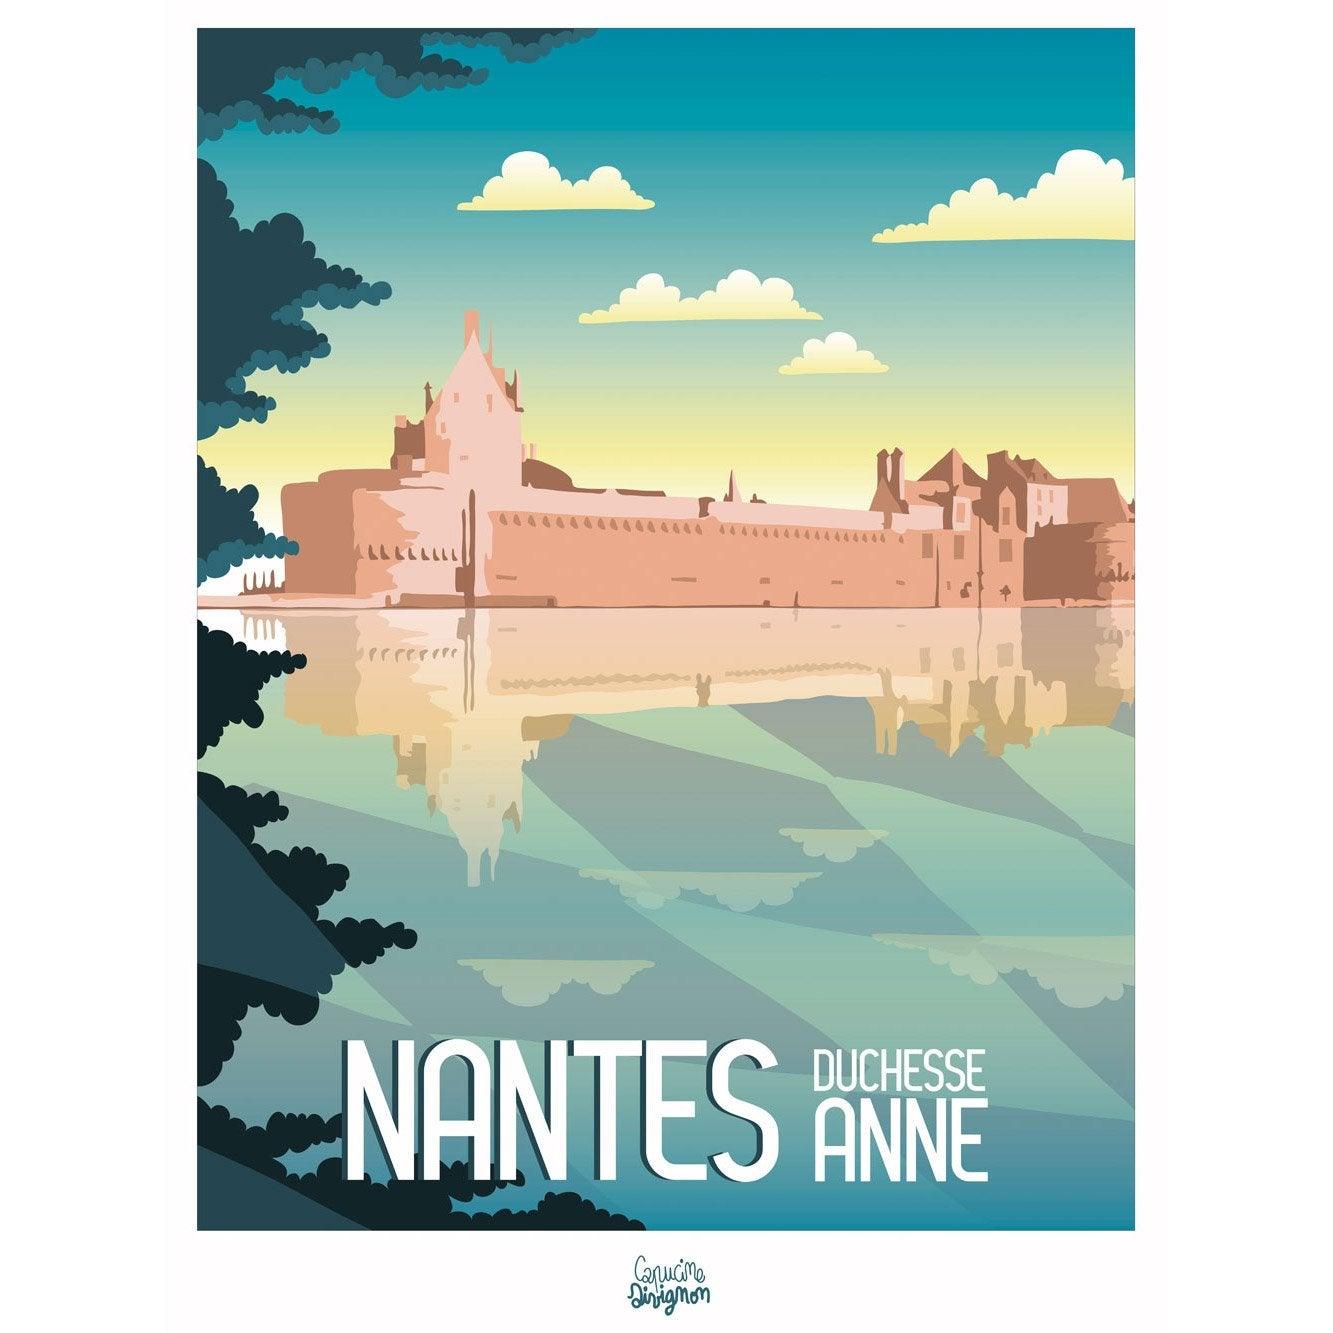 Paysagiste Nantes Avis Épinglé par juliette geoffroy sur affiche déco en 2020